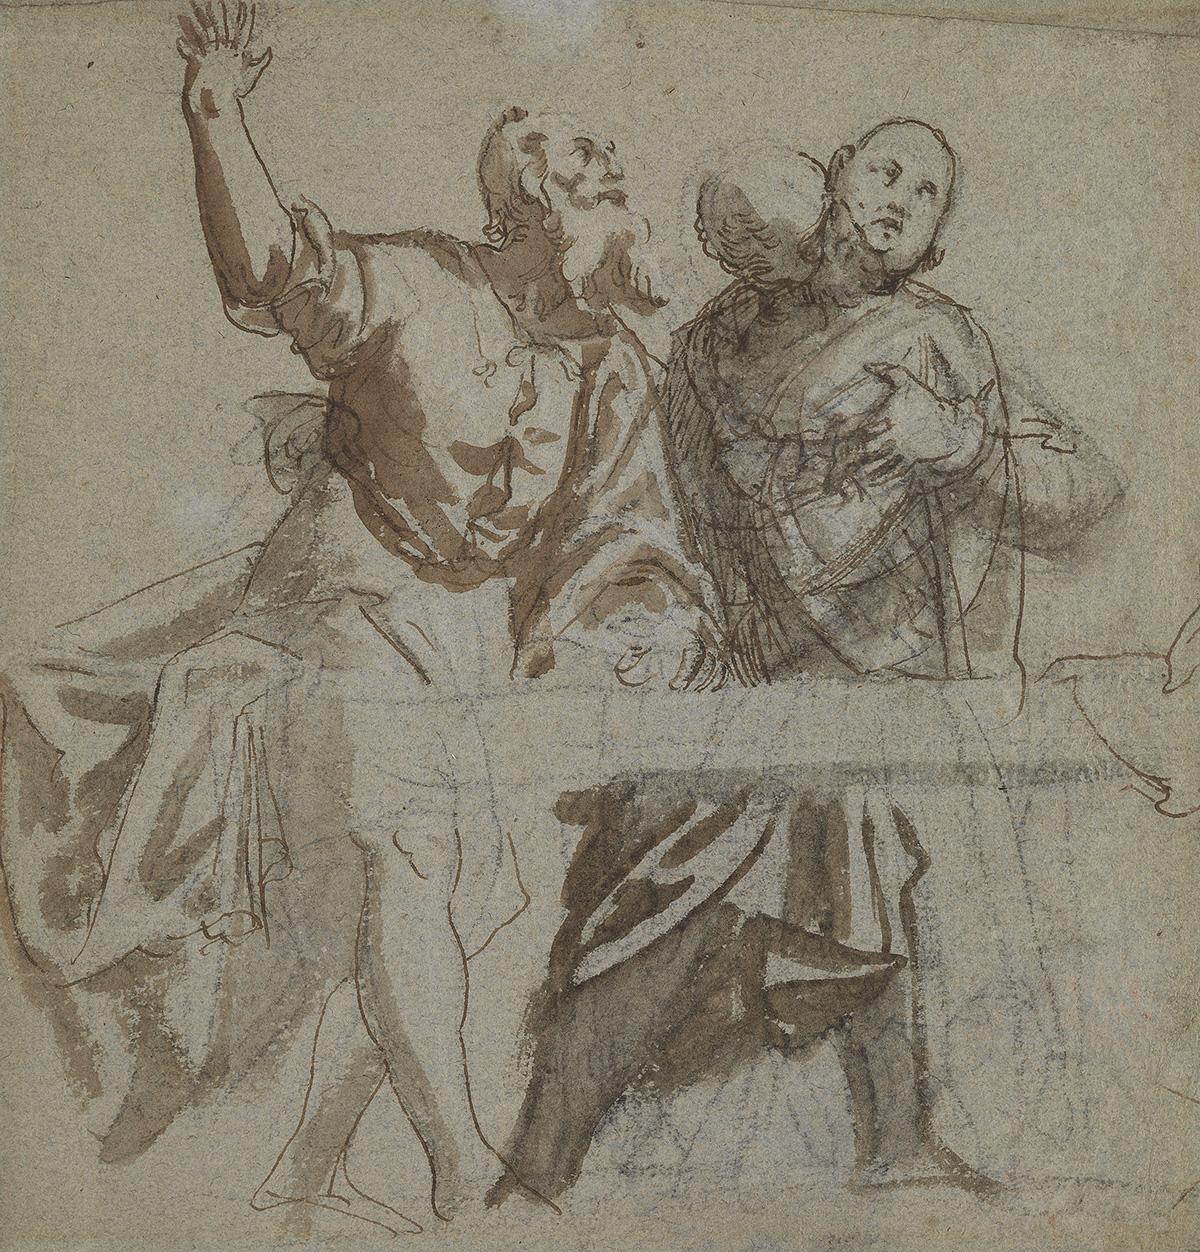 PAOLO-VERONESE-(CIRCLE-OF)-(Verona-1528-1588-Venice)-A-Study